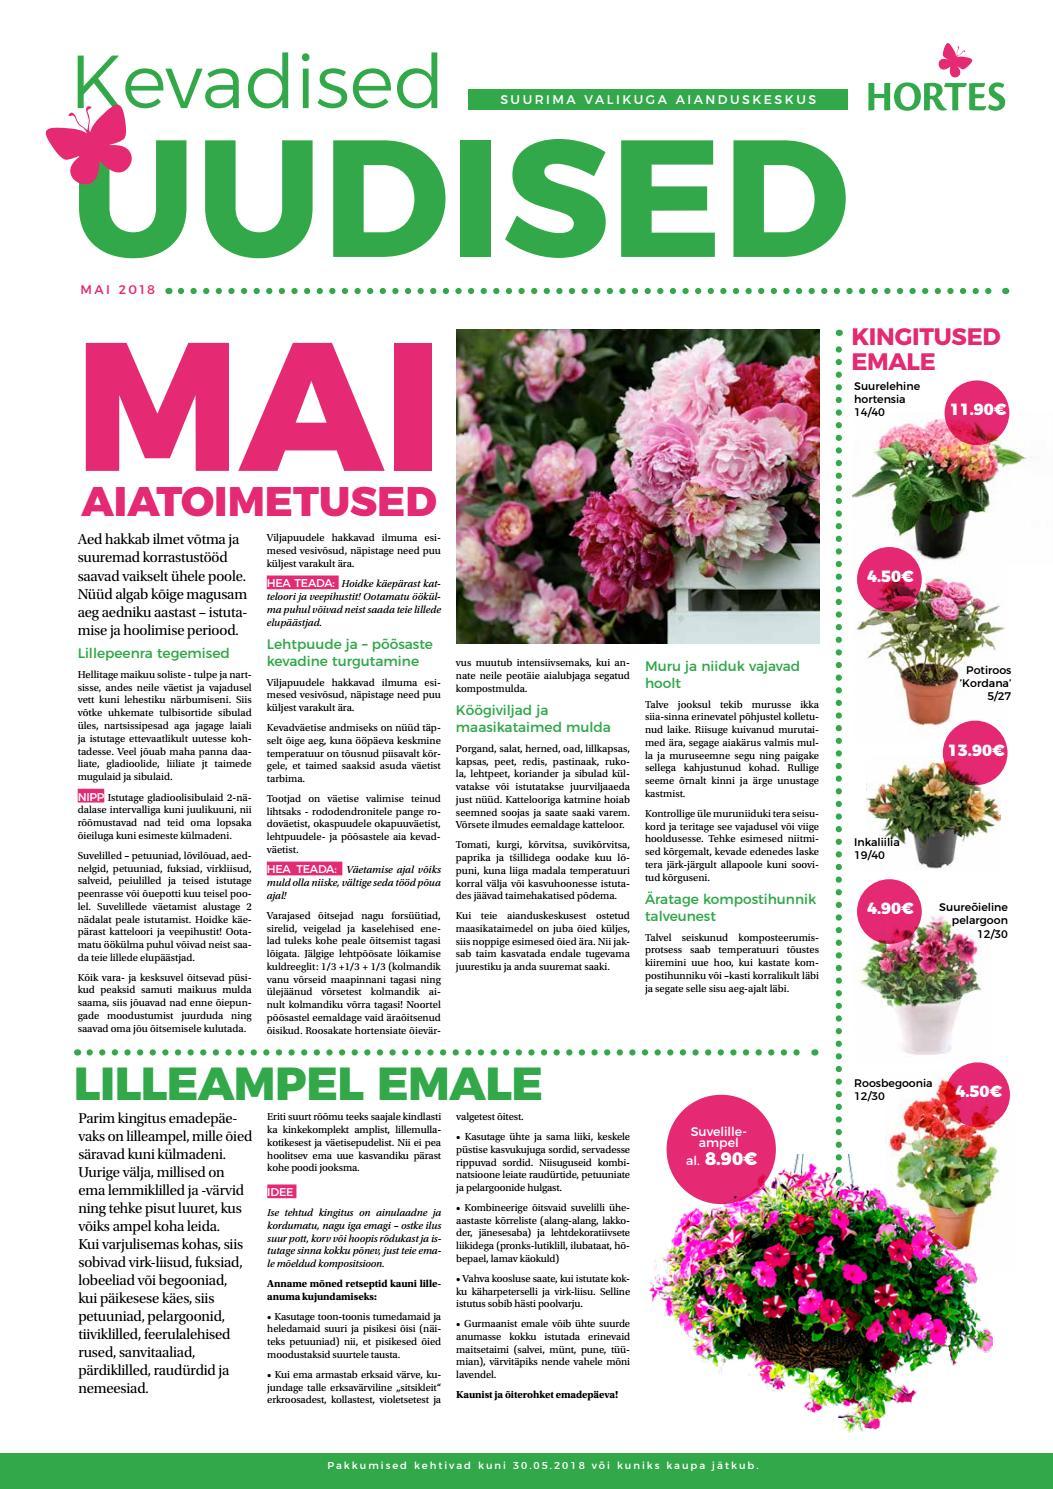 7d0969f9ddc Emadepäev ja kaunis maikuu - Hortese ajaleht by Aianduskeskus Hortes - issuu